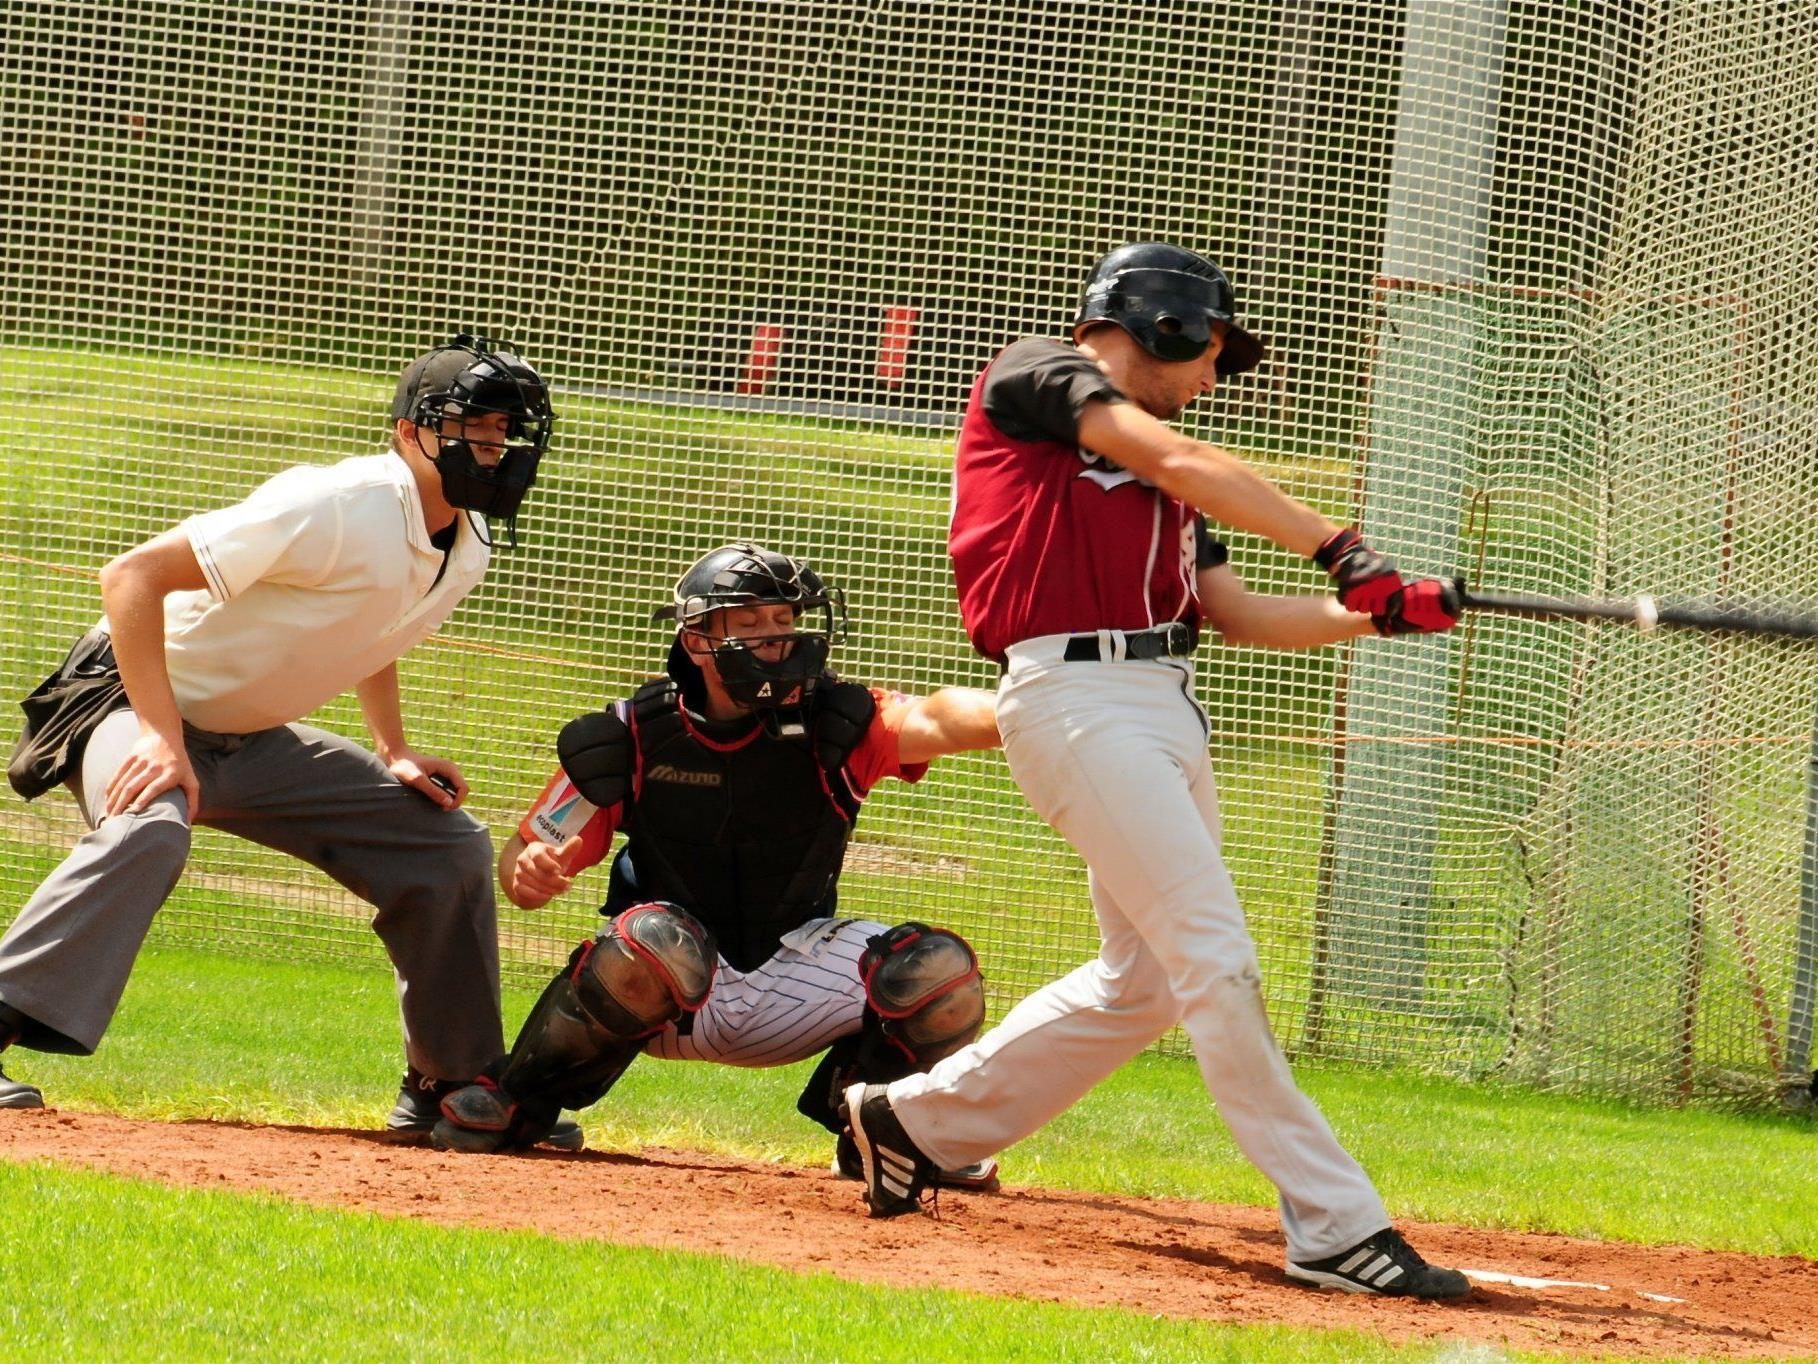 Die Baseballlandesmeisterschaften finden am Wochenende in Feldkirch statt